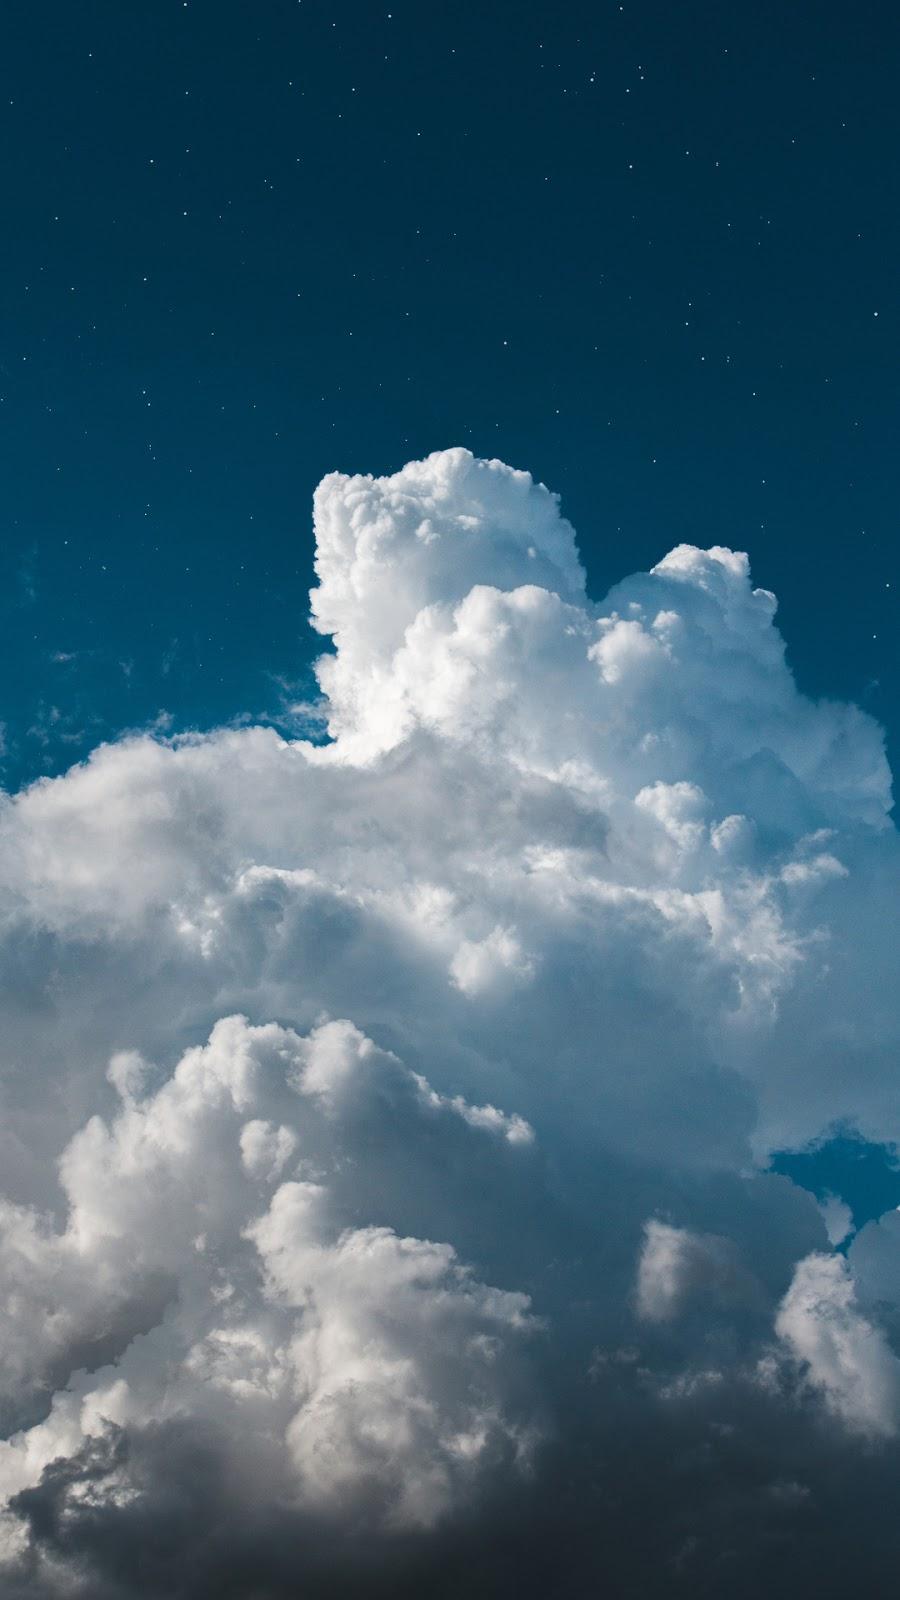 Hình nền mây trên bầu trời